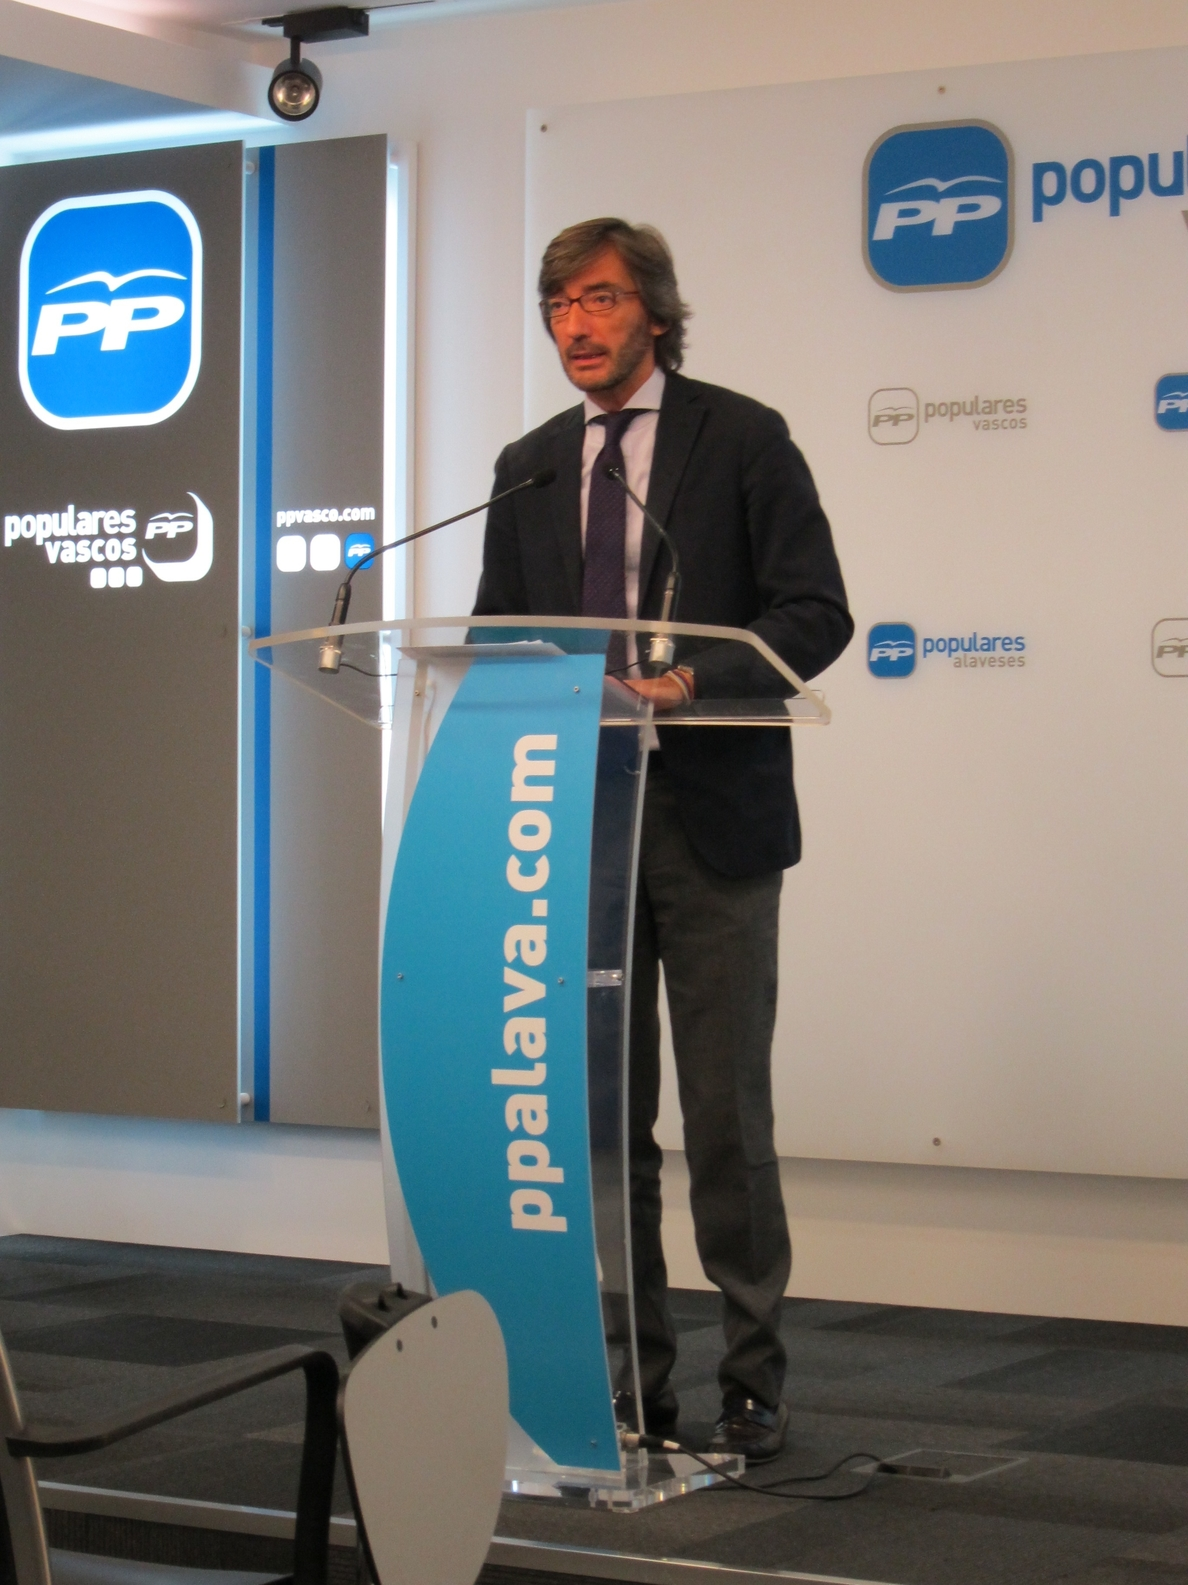 Oyarzábal apela a «mirar al futuro juntos» en el PP vasco porque el Congreso ya «quedó atrás»